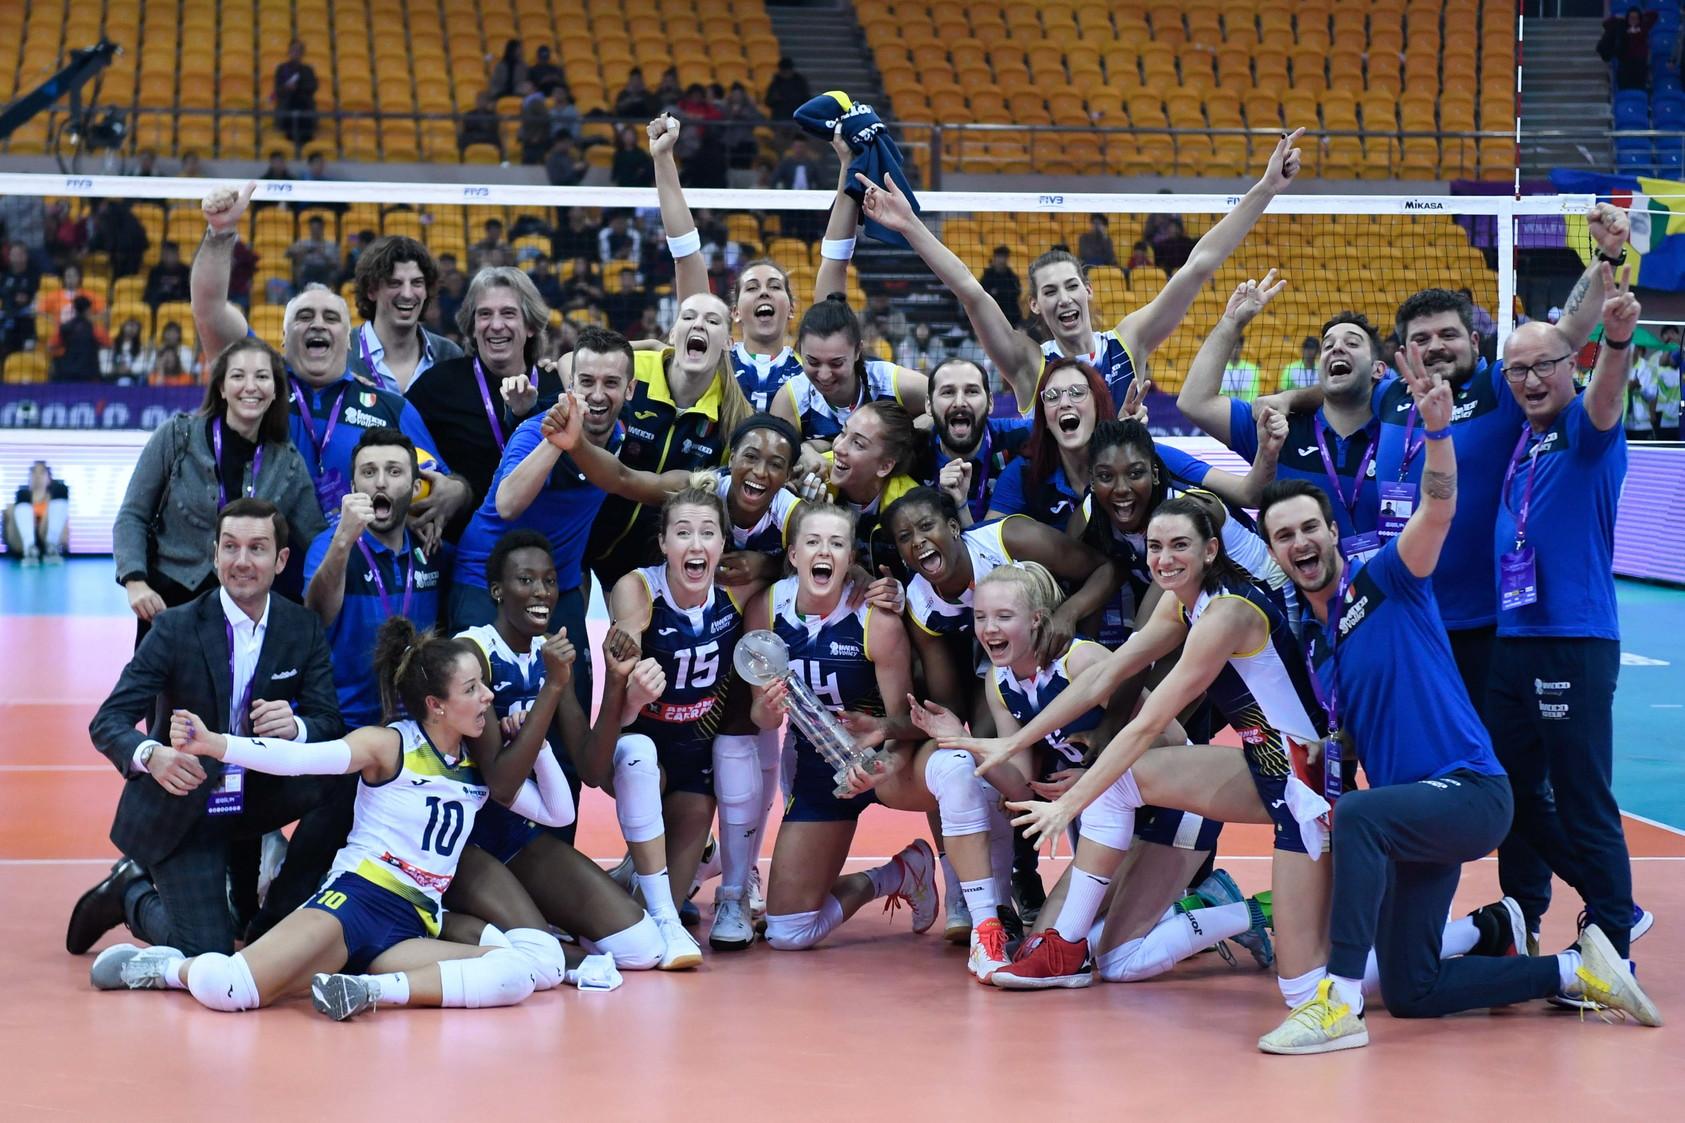 Le immagini dei festeggiamenti e della premiazione dell'Imoco Volley per la vittoria al Mondiale per Club dell'8 dicembre 2019.